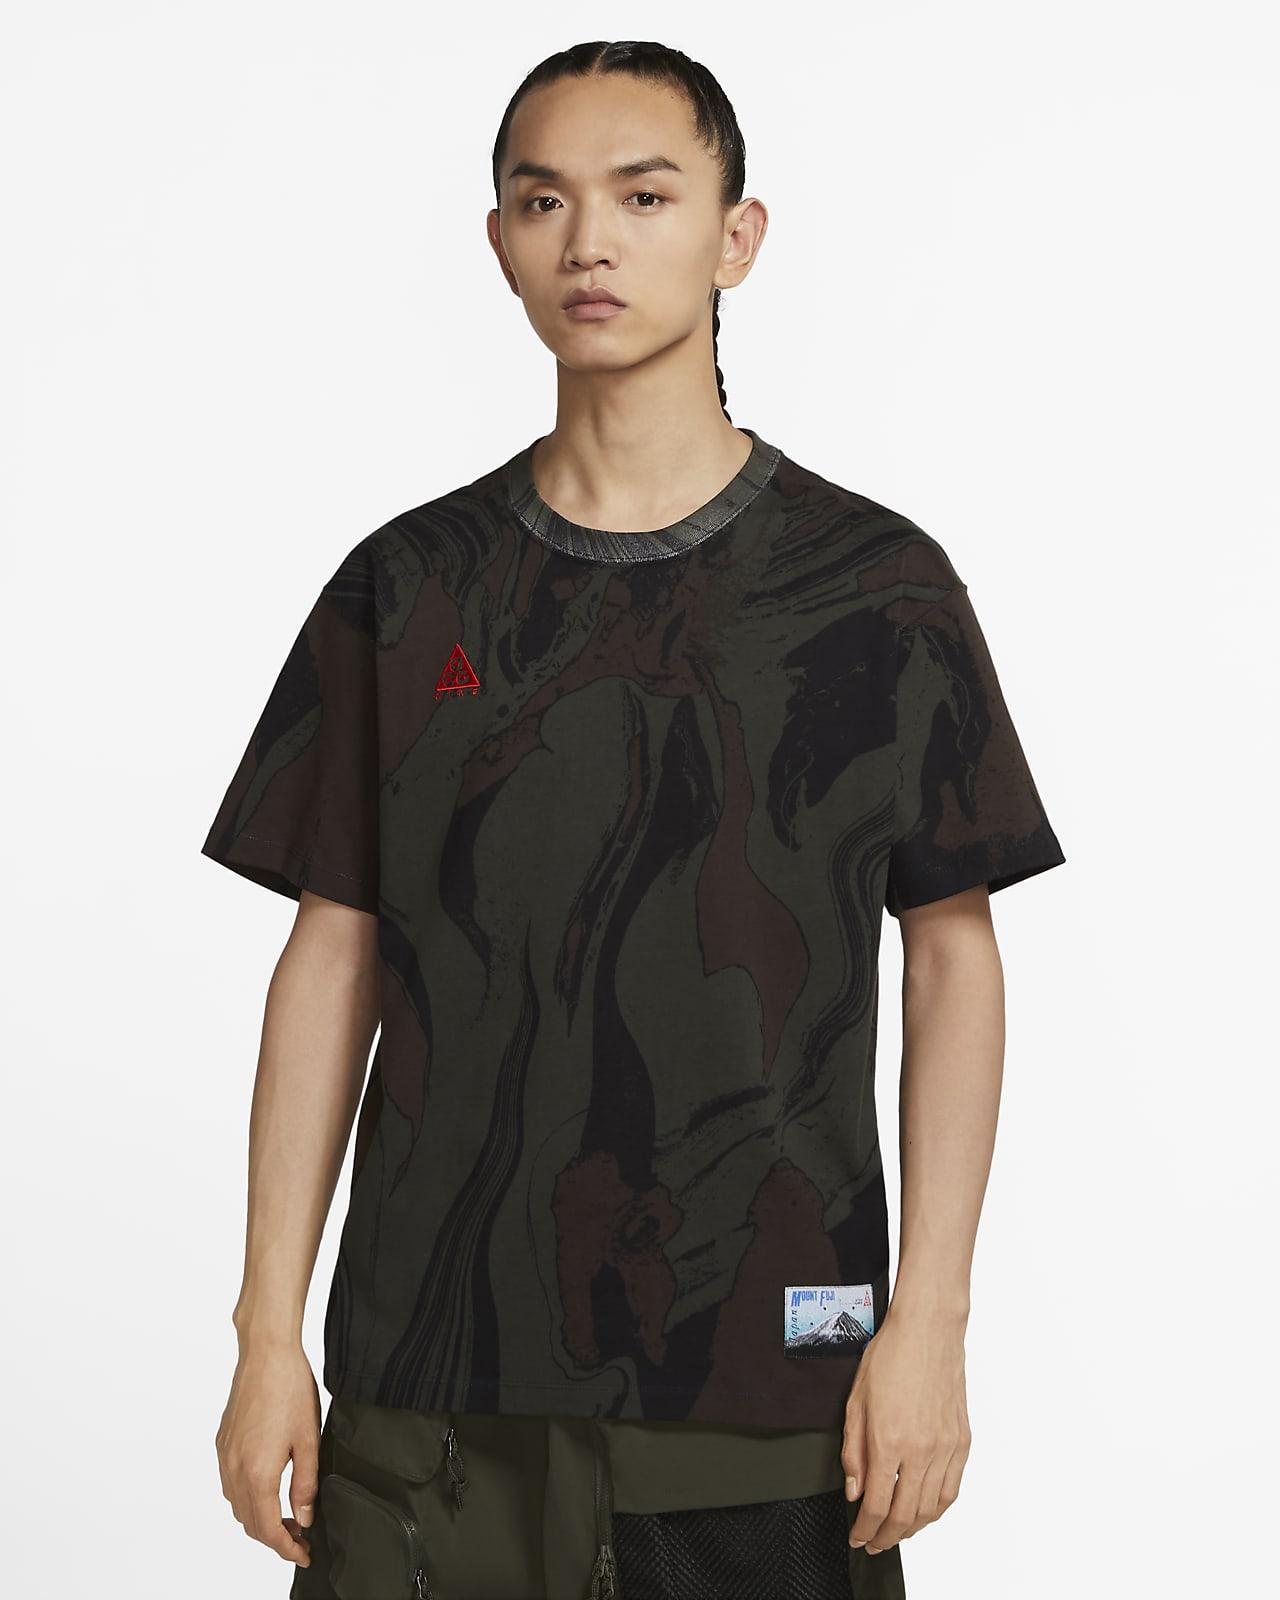 Tee-shirt à manches courtes Nike ACG Mt. Fuji pour Homme